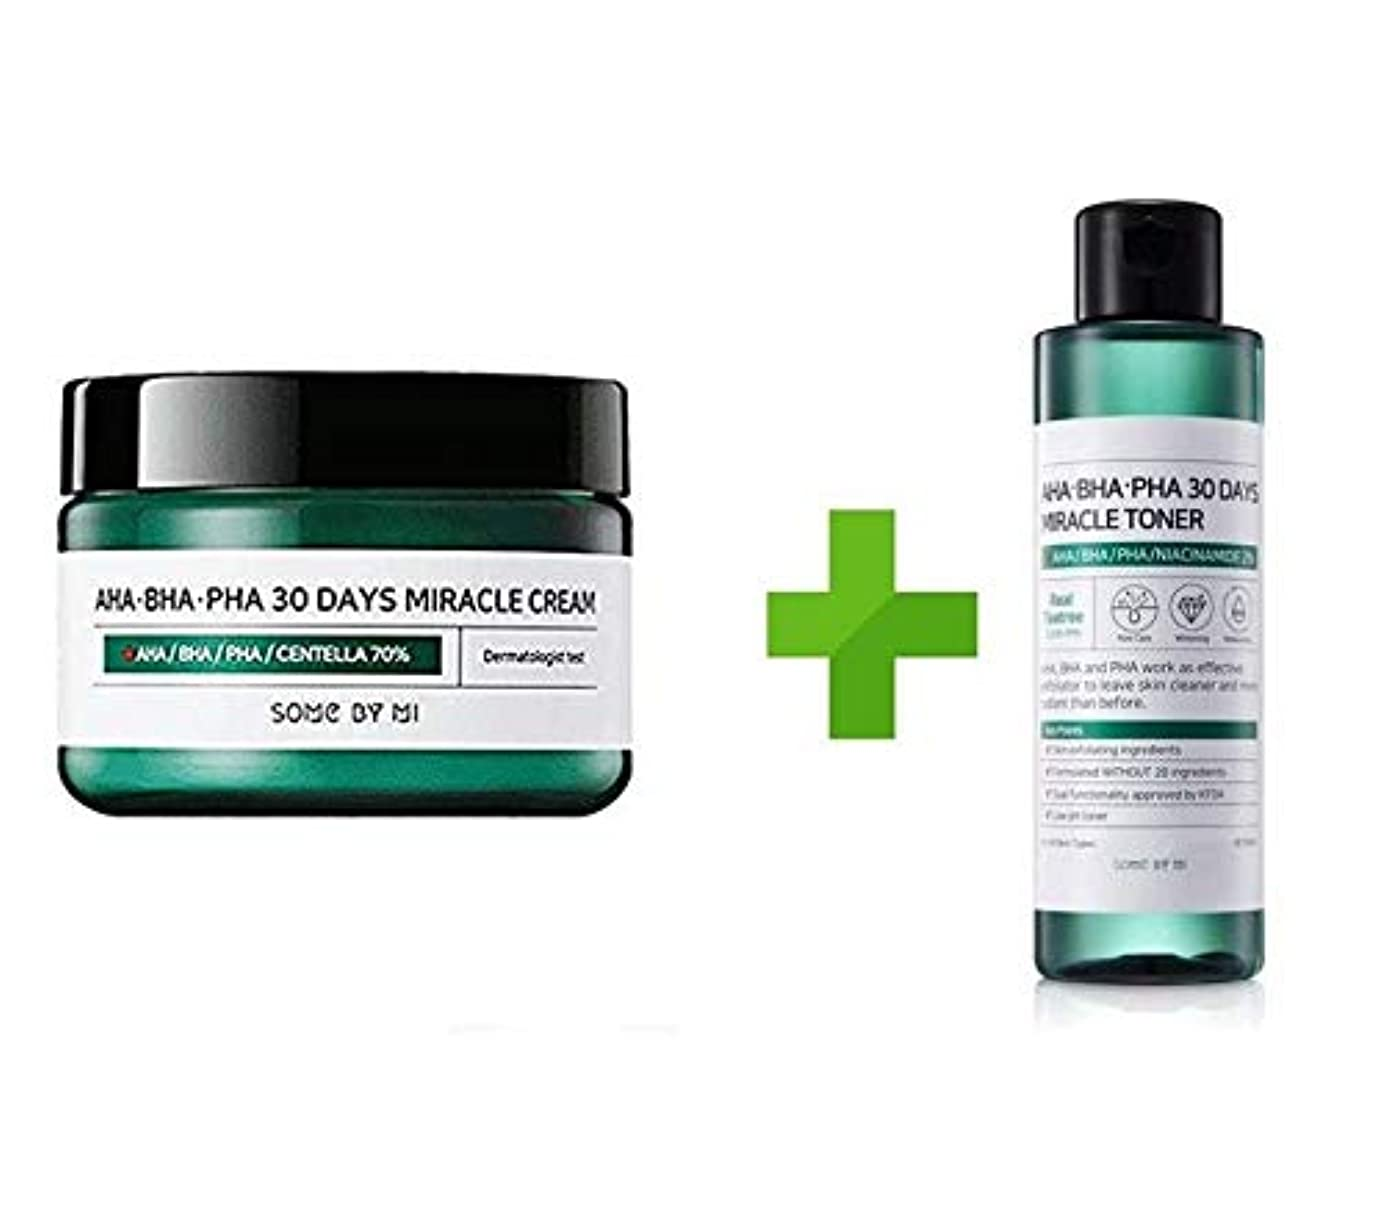 棚シニス許容できるSomebymi AHA BHA PHA Miracle Cream (50ml + Toner 150ml)Skin Barrier & Recovery, Soothing with Tea Tree 10,000ppm for Wrinkle & Whitening/Korea Cosmetics [並行輸入品]